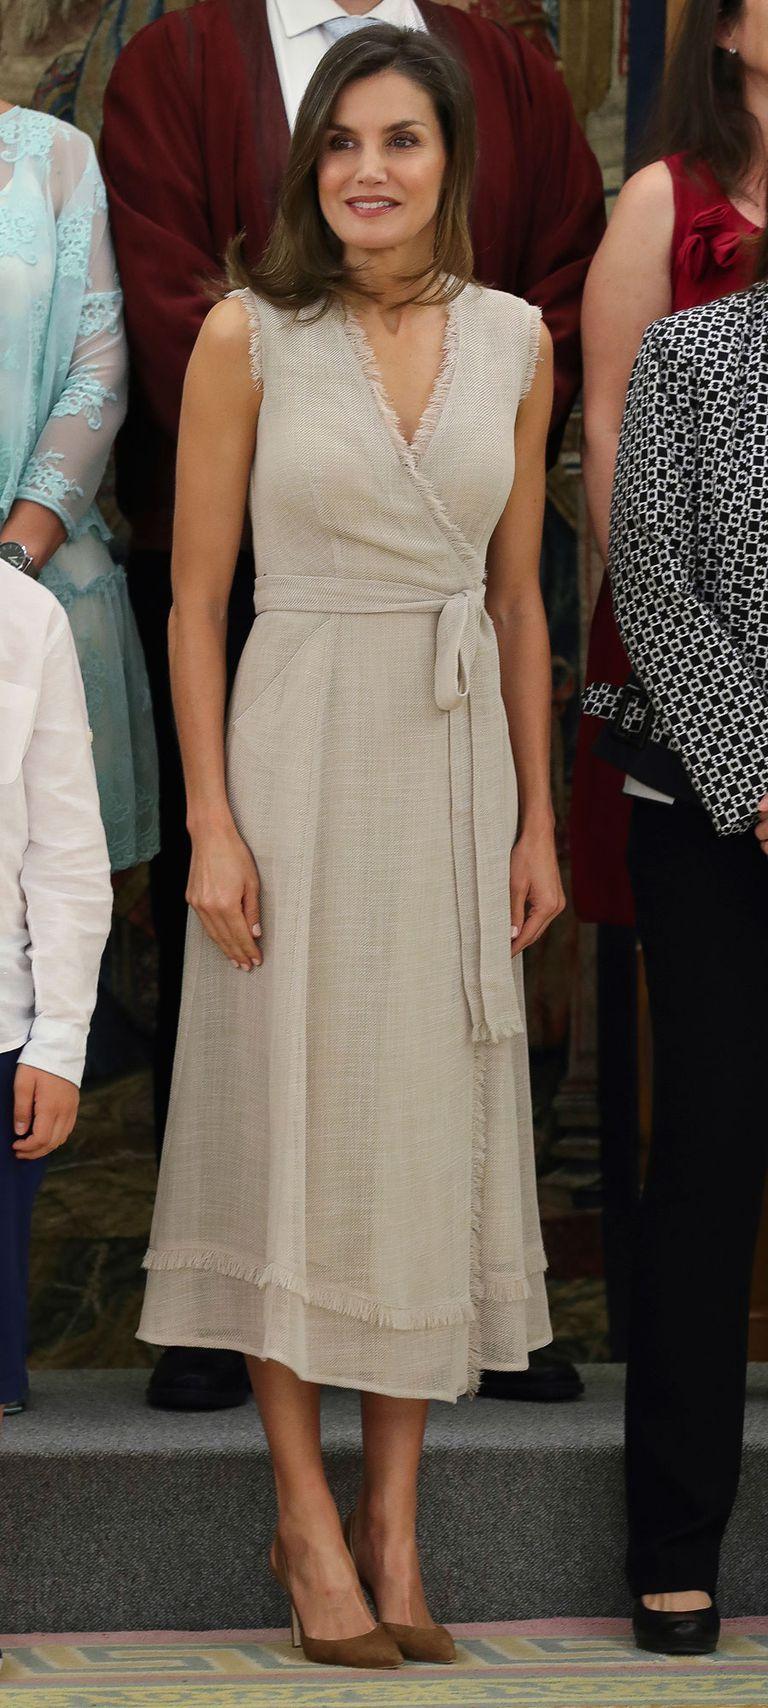 La reina Letizia, de Adolfo Domínguez en una audiencia en Zarzuela. 12 julio 2018